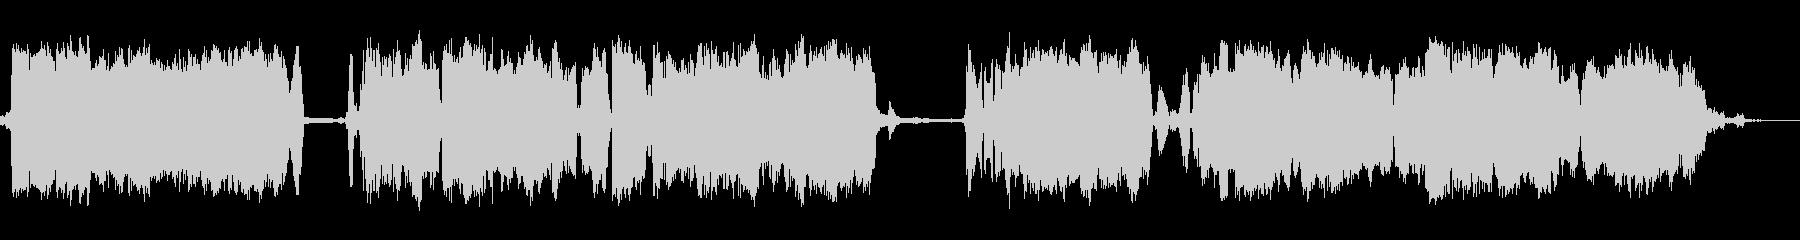 重い静的スパーク、変動バーストの未再生の波形